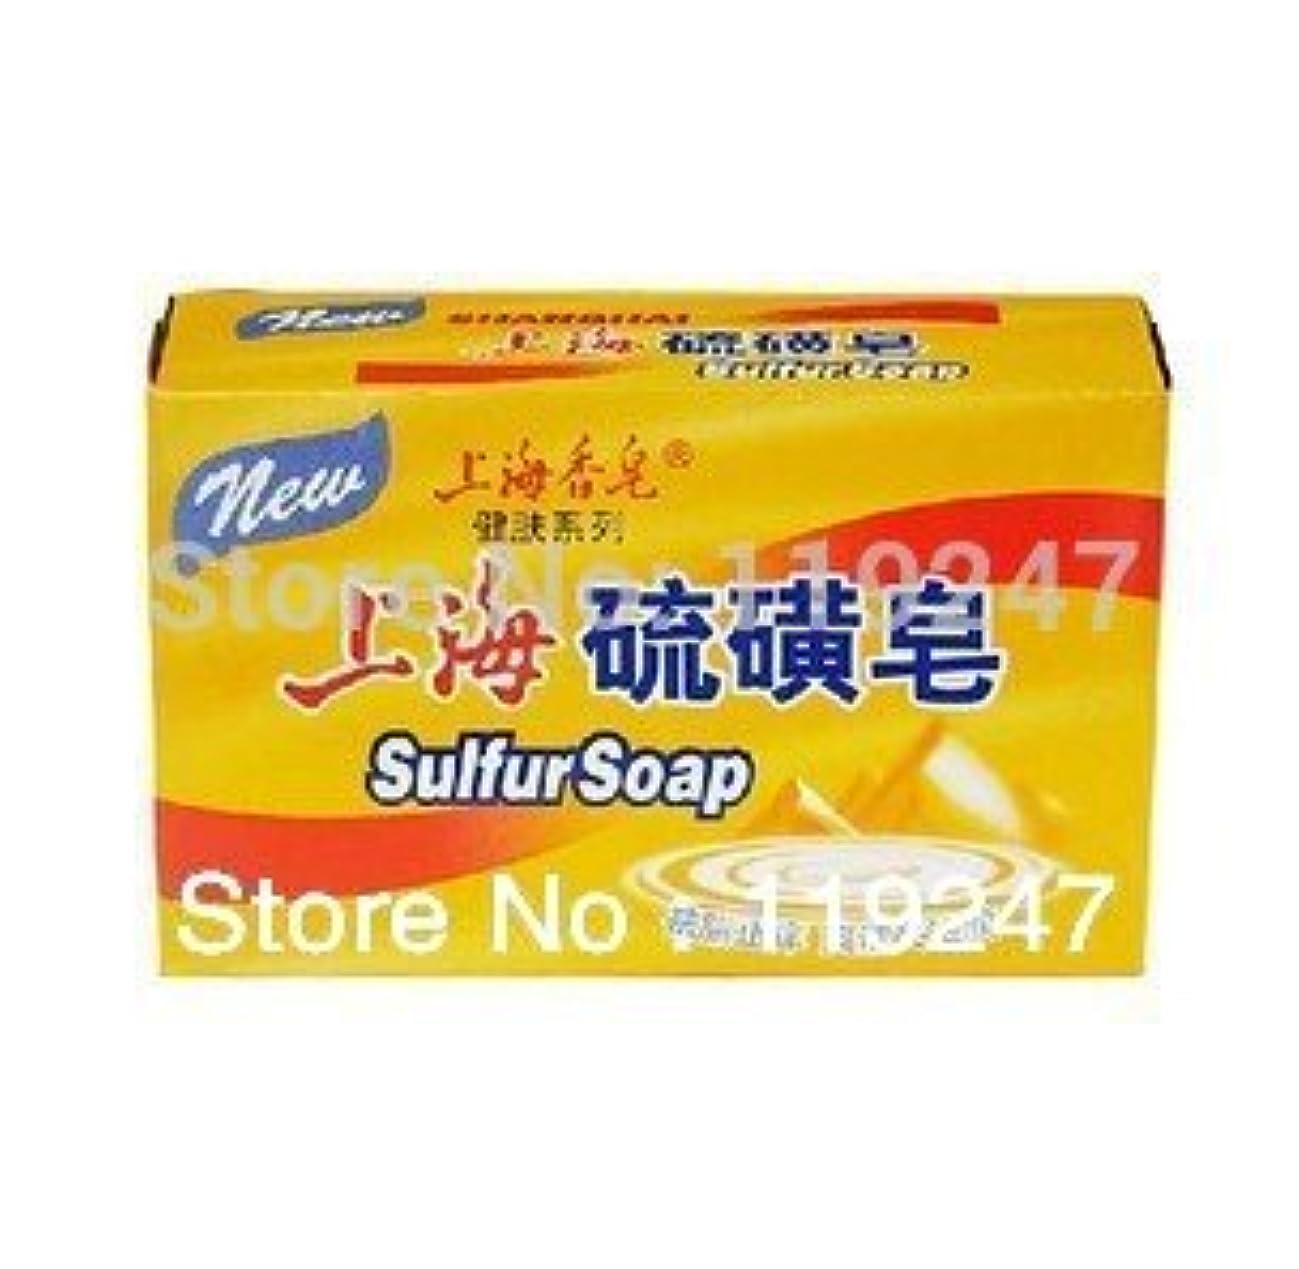 主権者嫌いボアLorny (TM) 上海硫黄石鹸アンチ菌ダニ、ストップかゆみ125グラム格安 [並行輸入品]